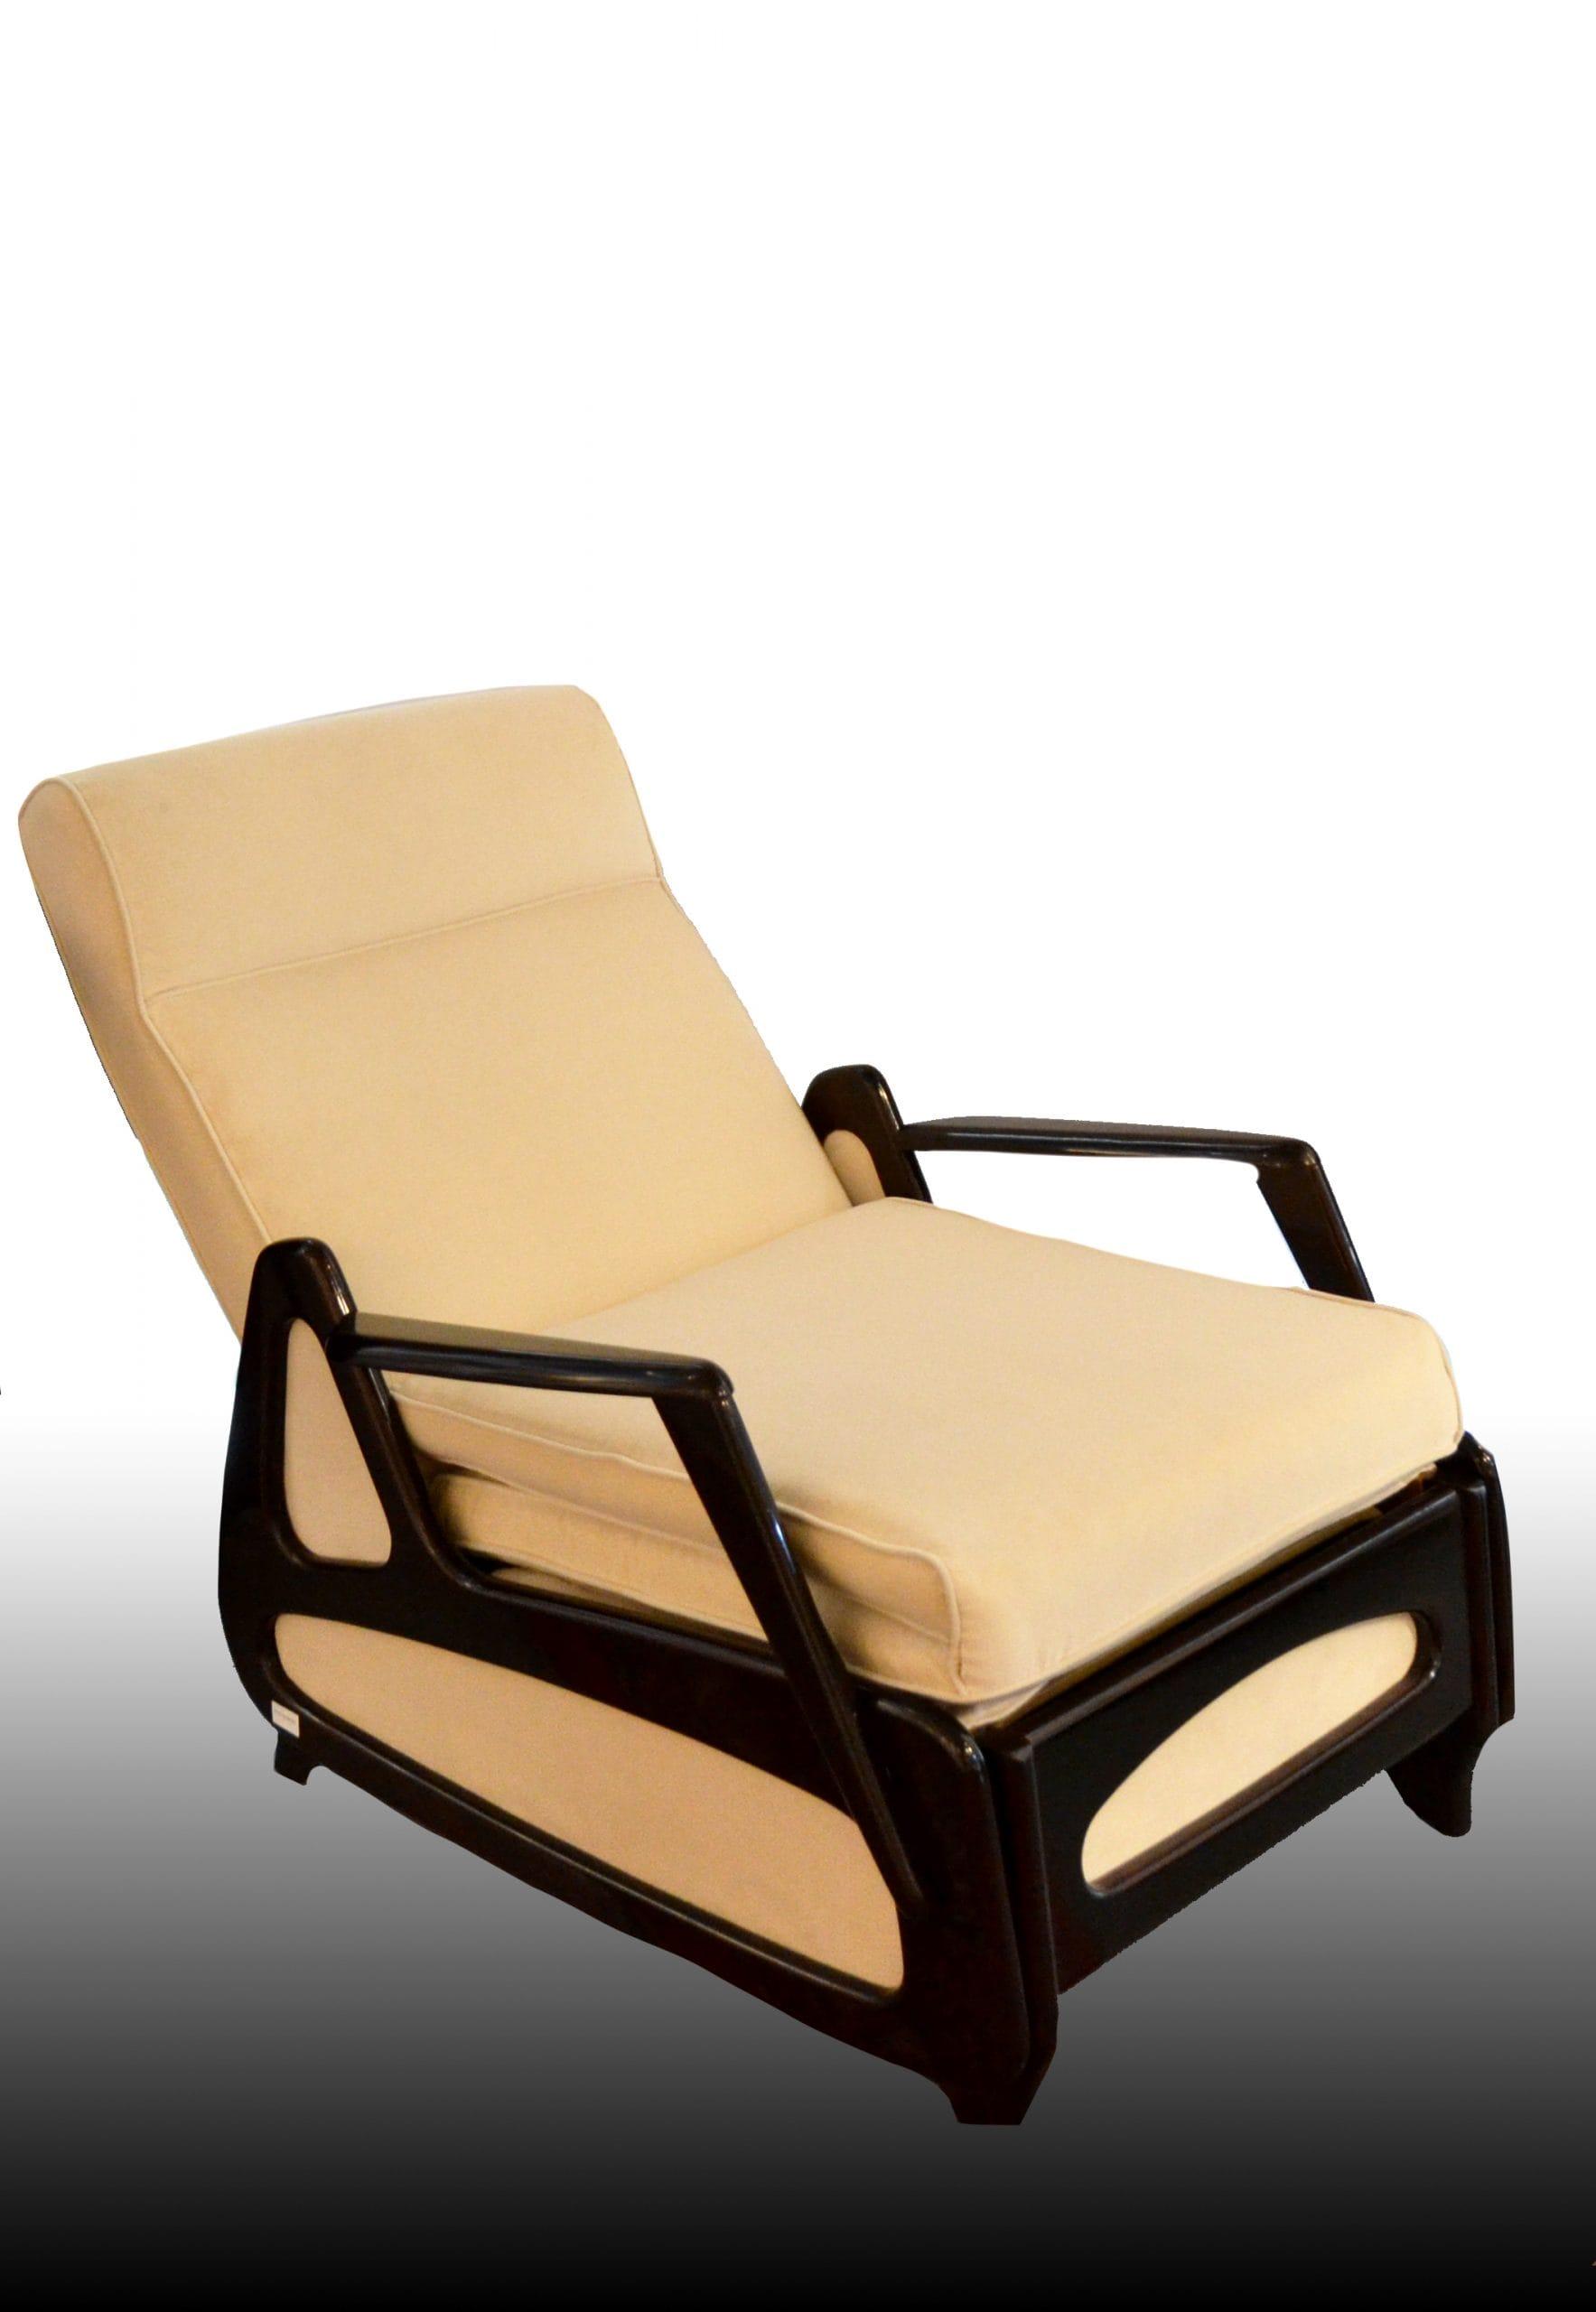 Art deco kinyitható fotel 1930-40-es évekből